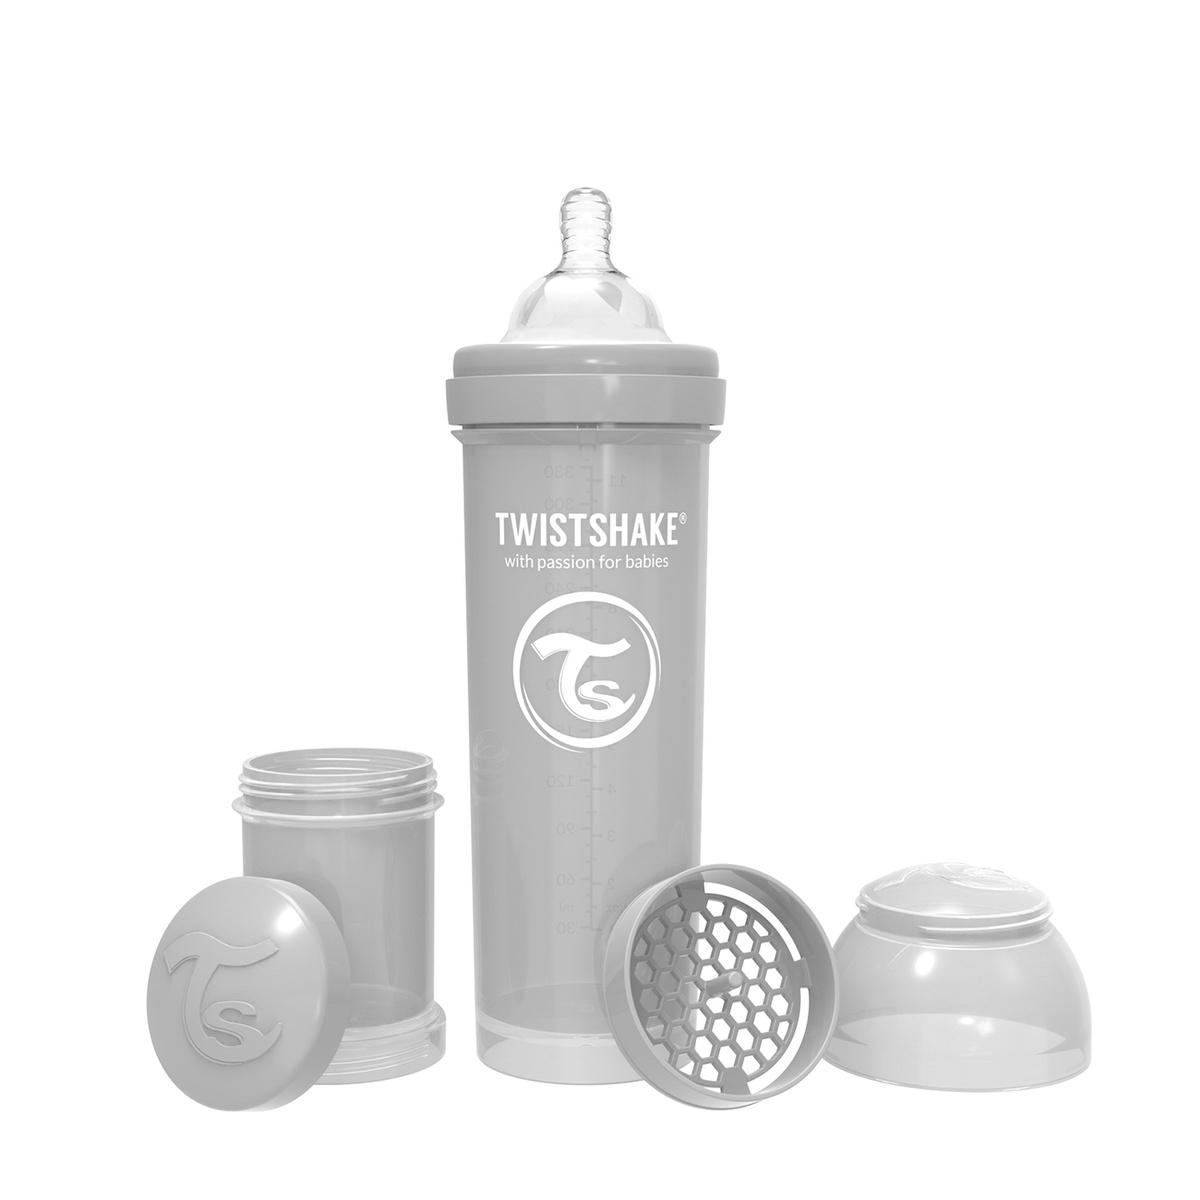 Антиколиковая бутылочка Twistshake для кормления 330 мл #1